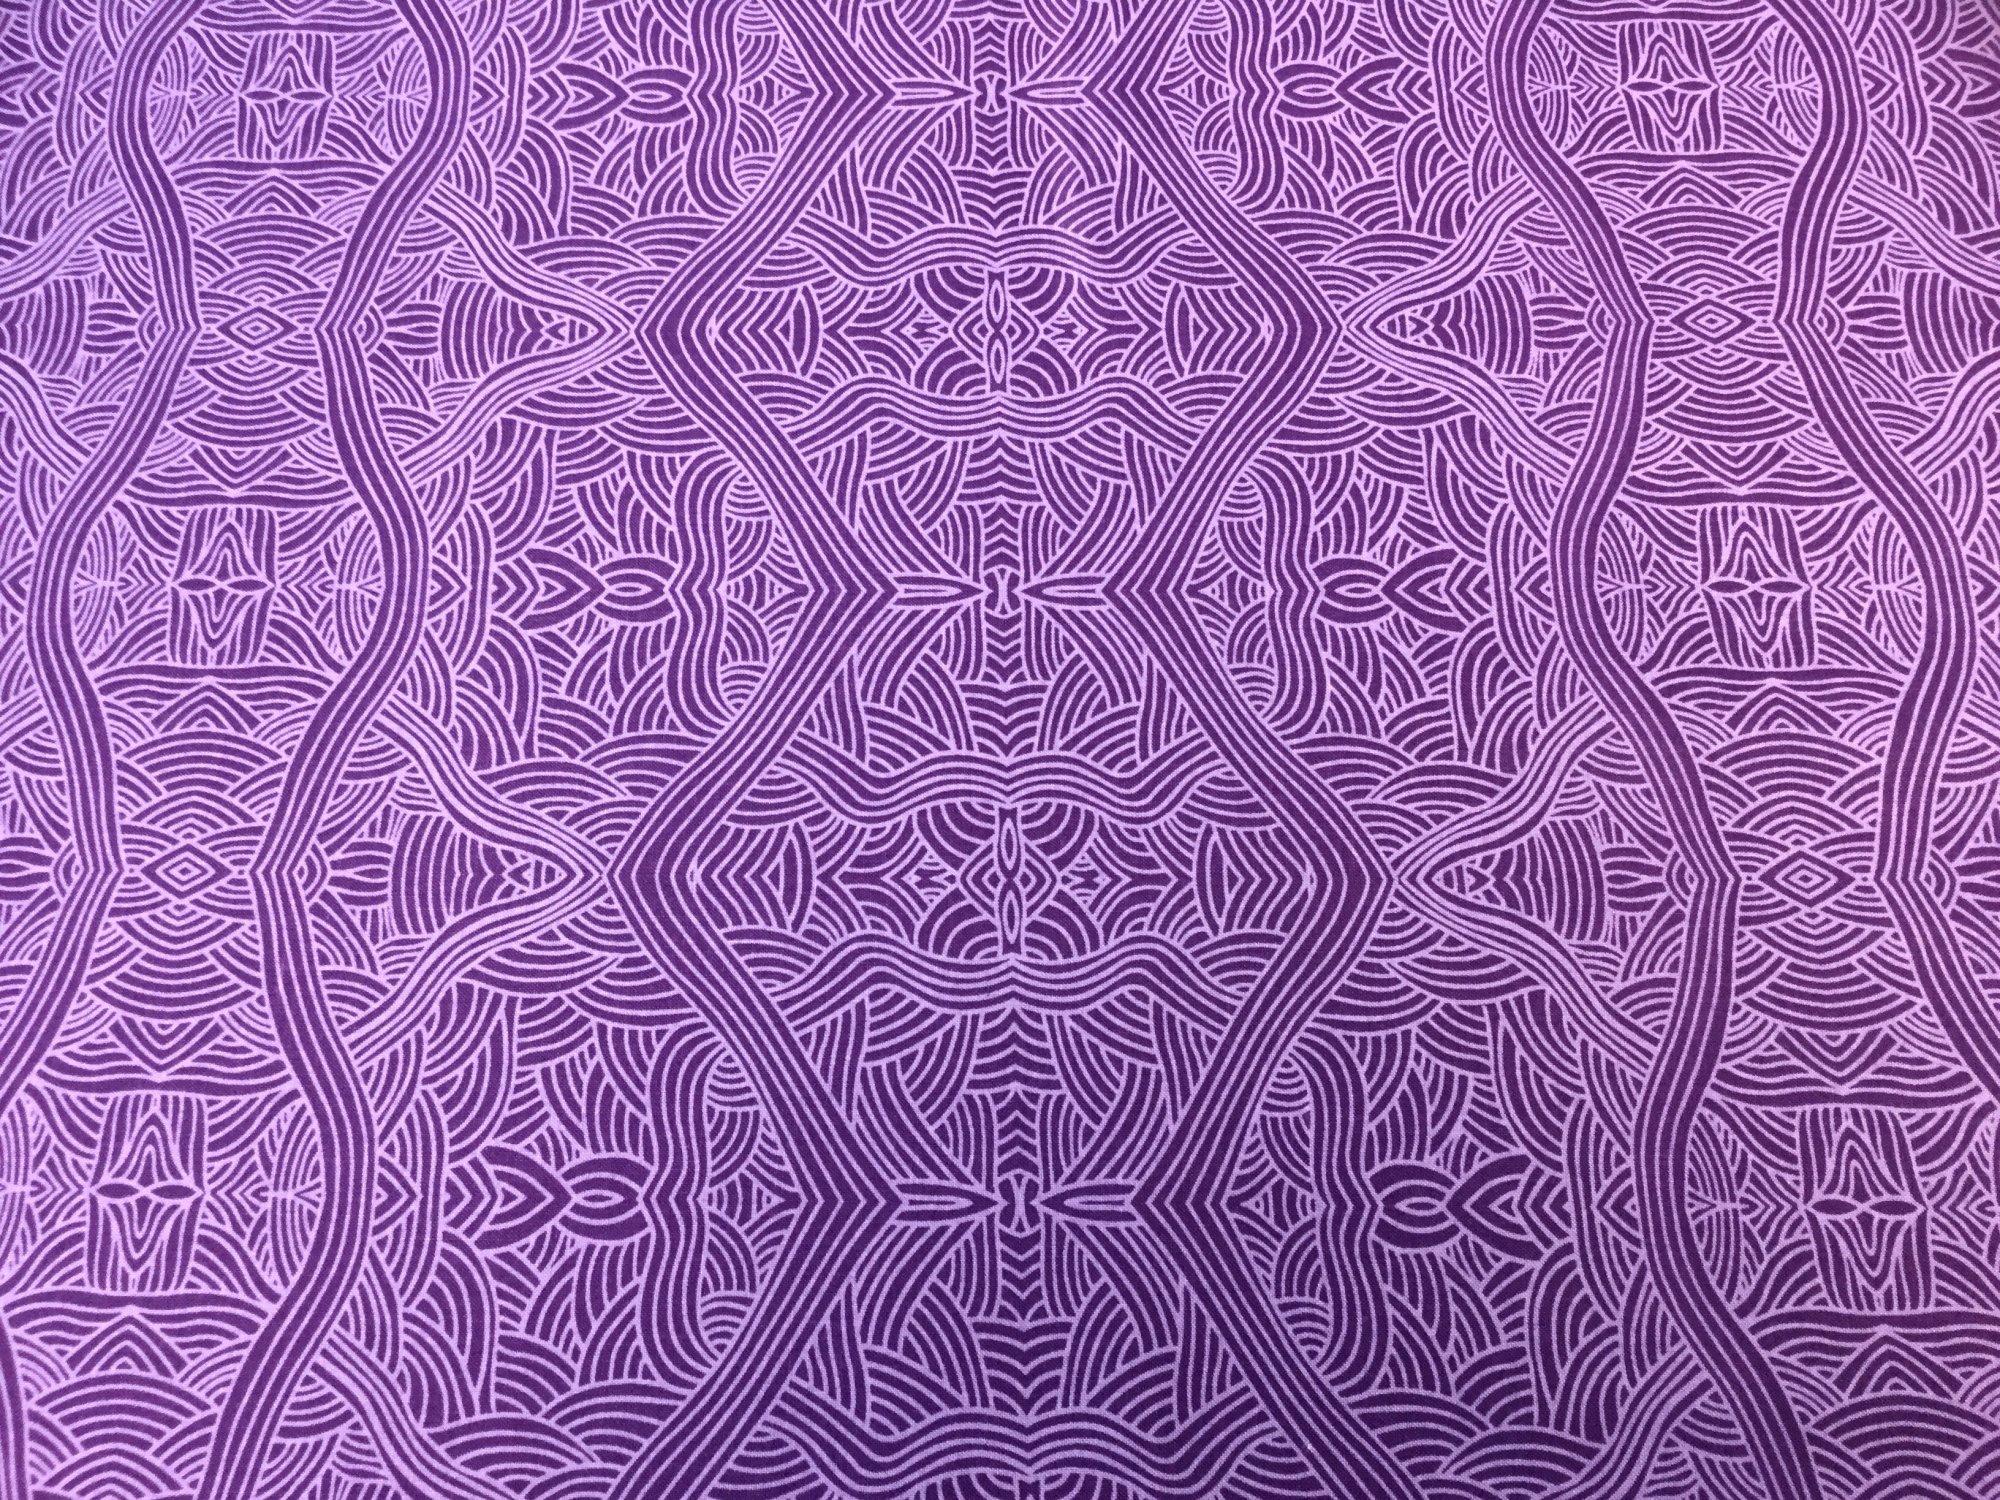 UNTITLED PURPLE UNP by M&S Textiles